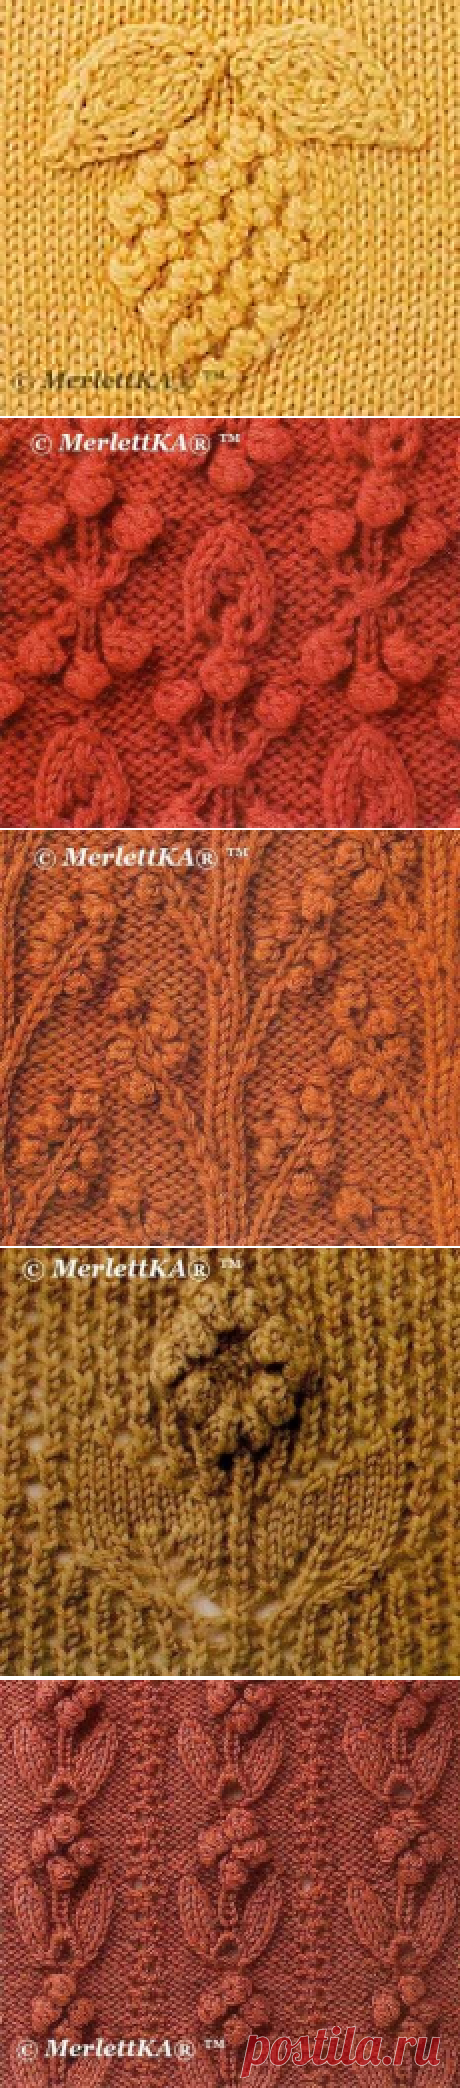 Вязание спицами - растительные элементы в узорах